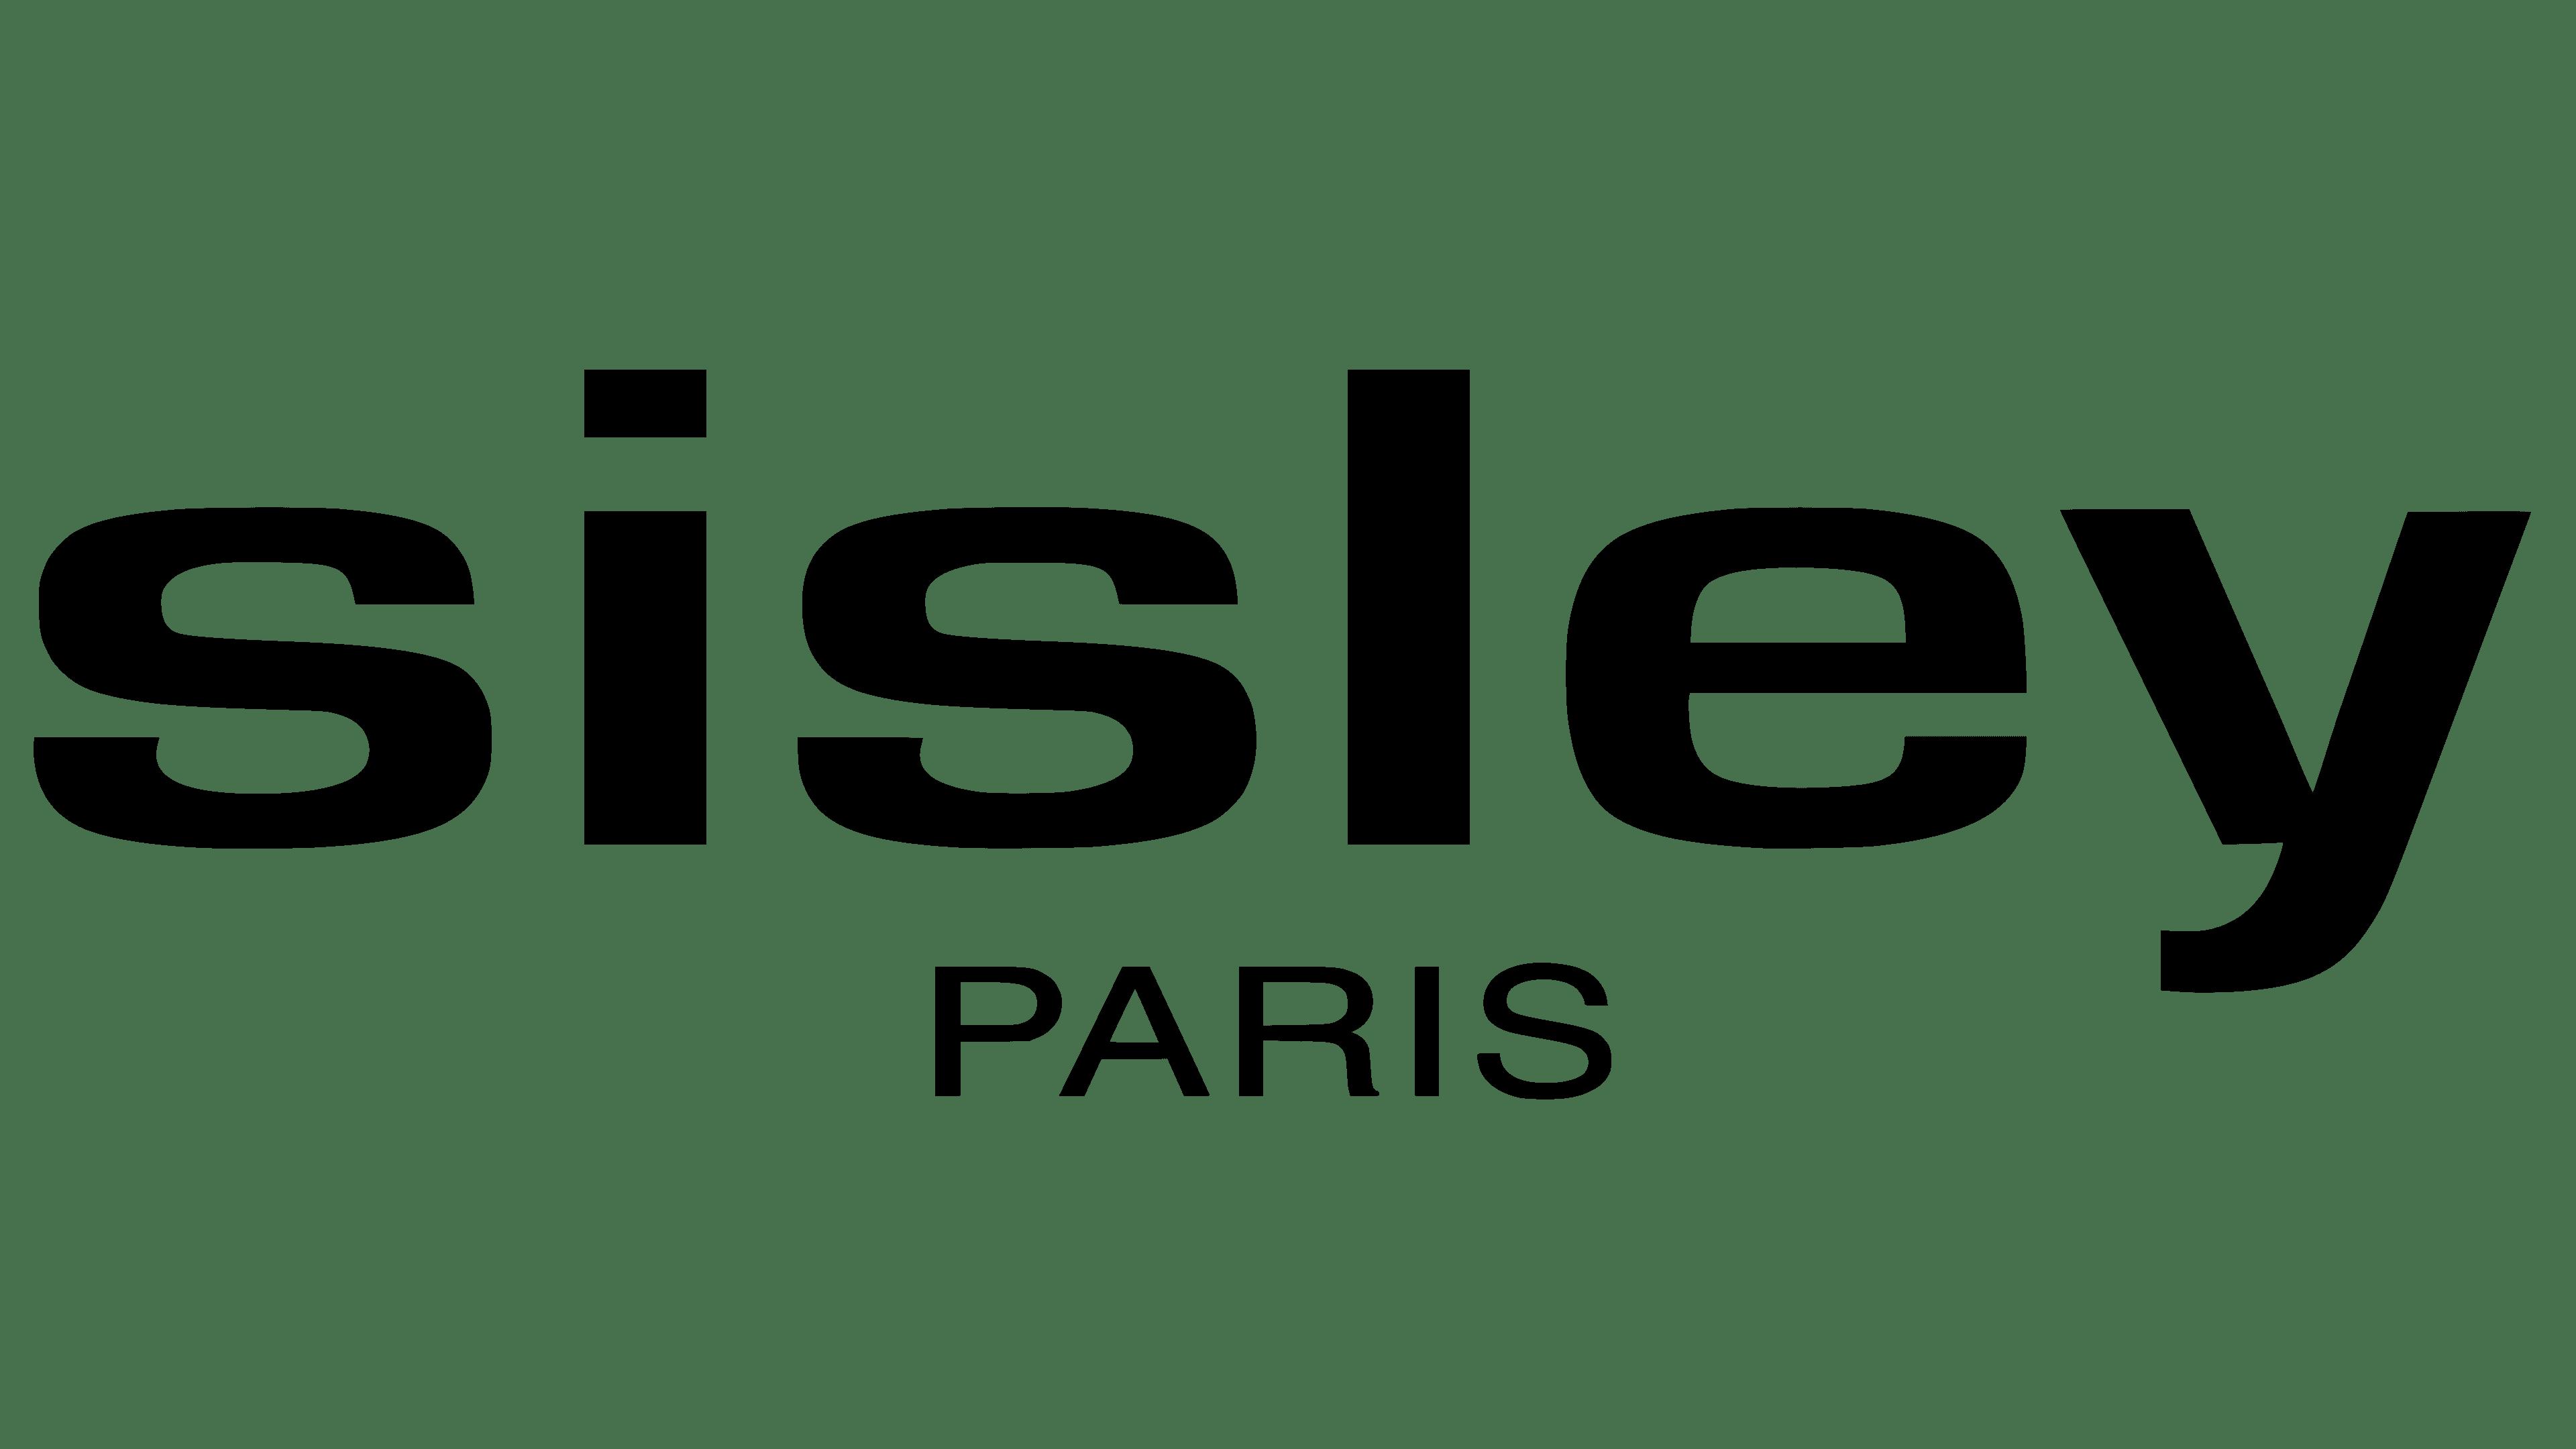 Marca - SISLEY PARIS